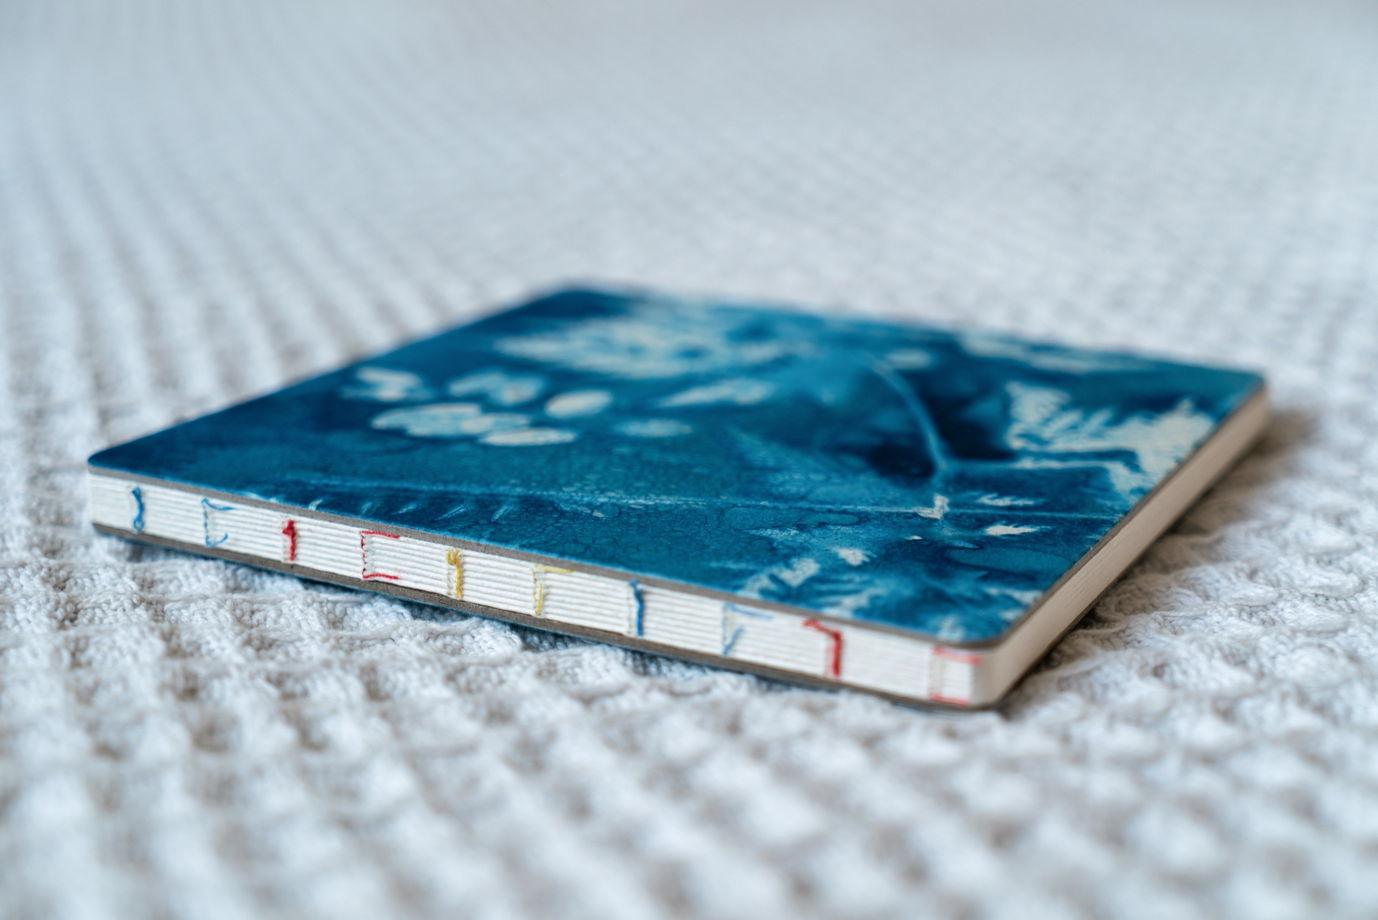 """Скетчбук ШОРОХИ ТРАВ с авторской обложкой в технике """"wet cyanotype"""""""